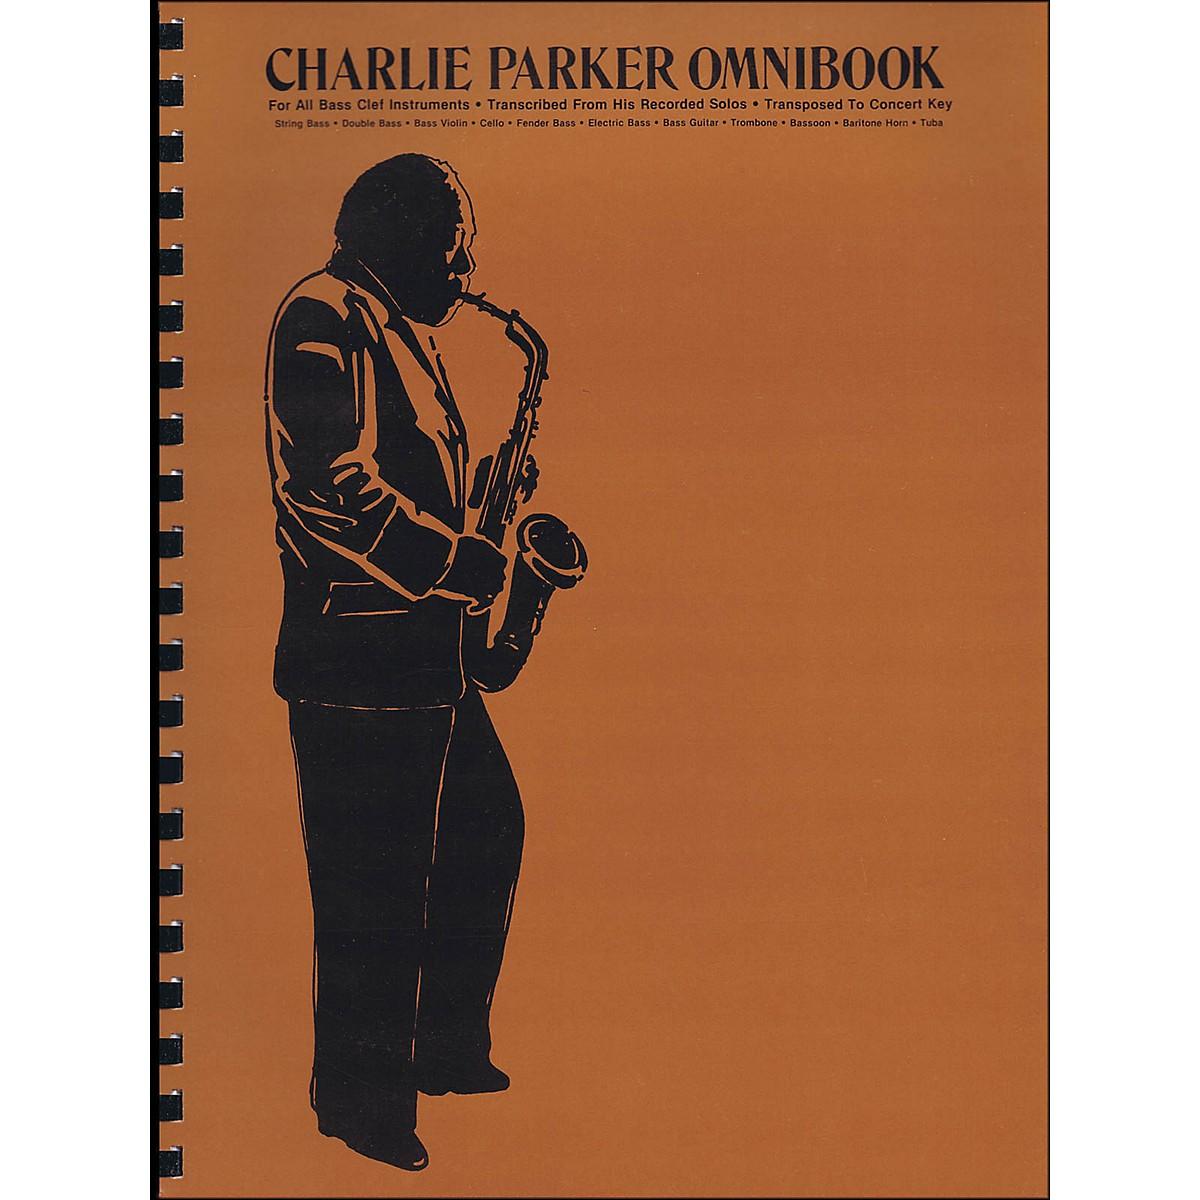 Hal Leonard Charlie Parker Omnibook for Bass Clef Instruments